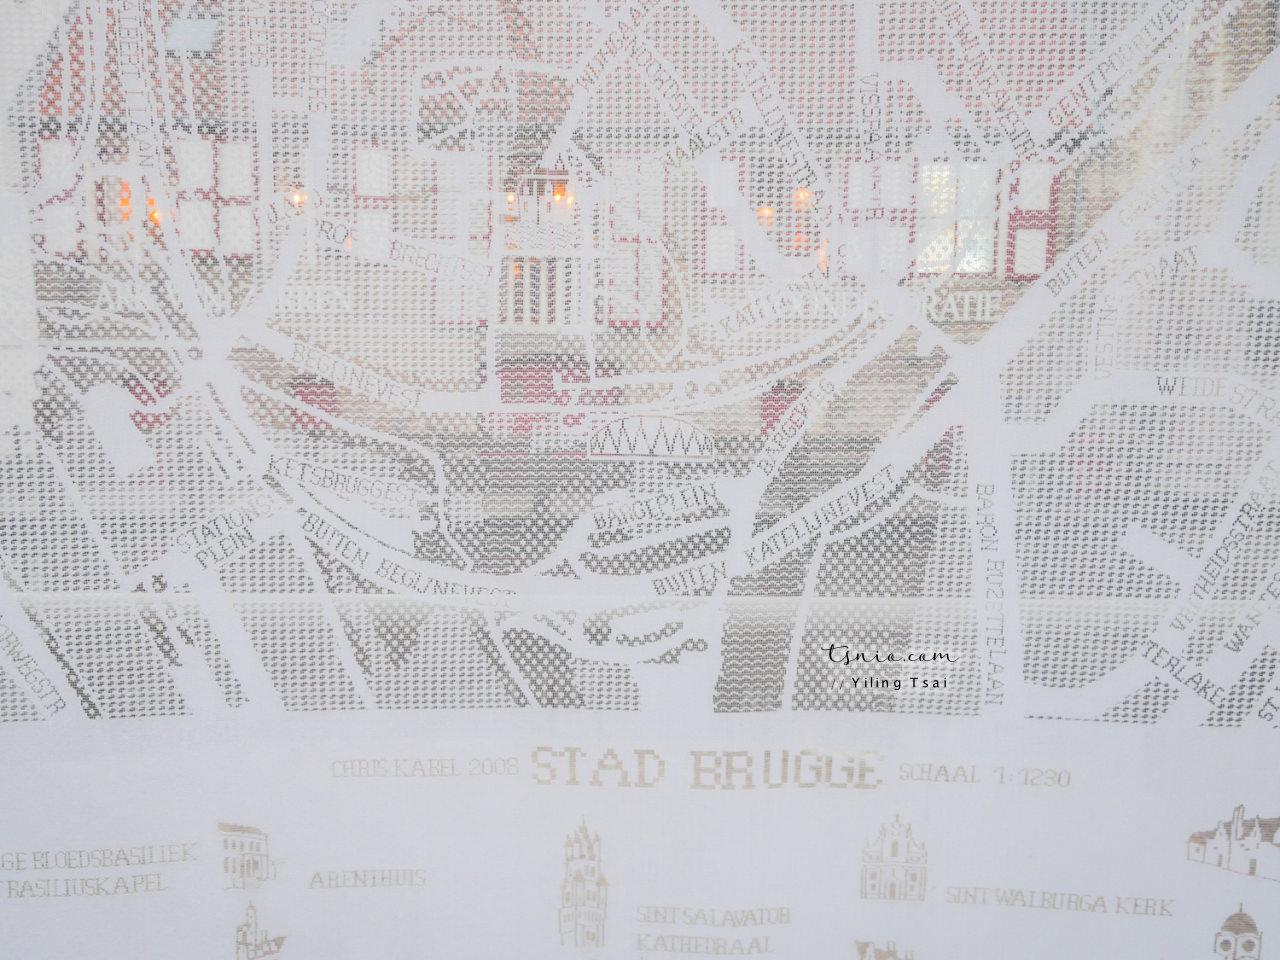 比利時布魯日景點總整理 布魯日散步地圖